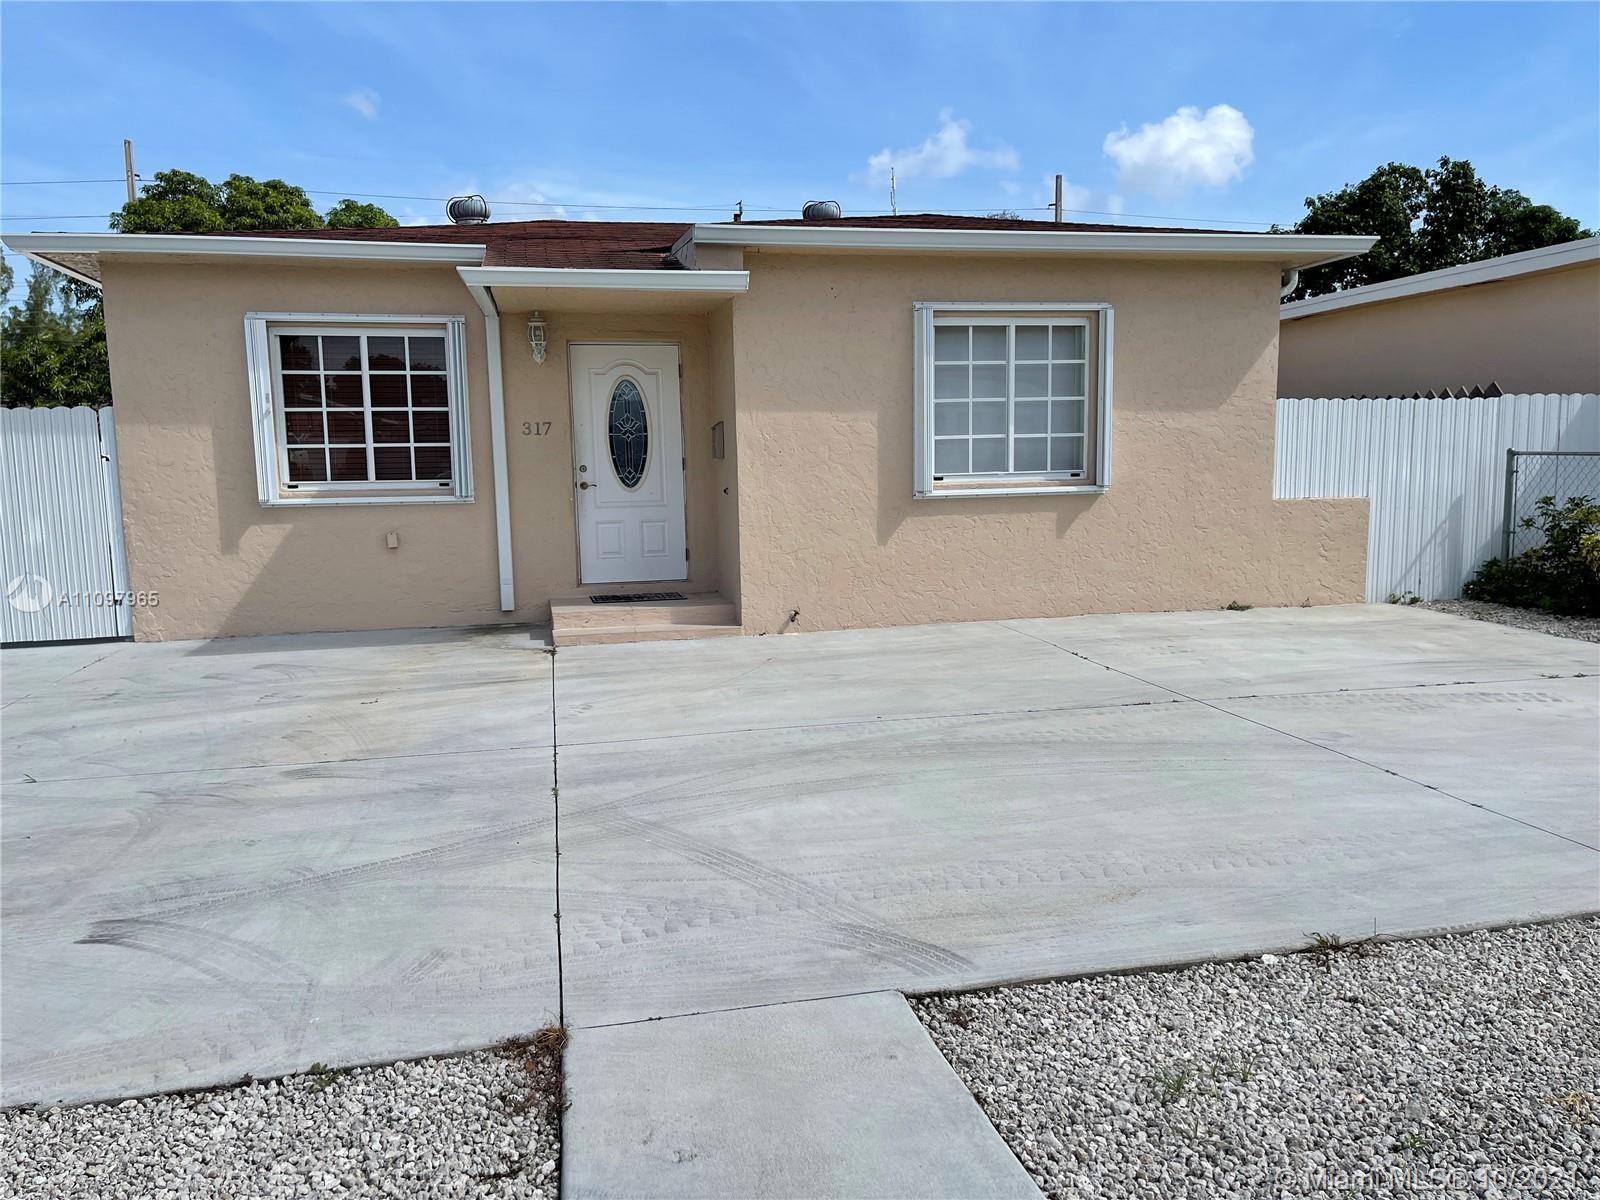 317 E 20th St, Hialeah, FL 33010 - #: A11097965